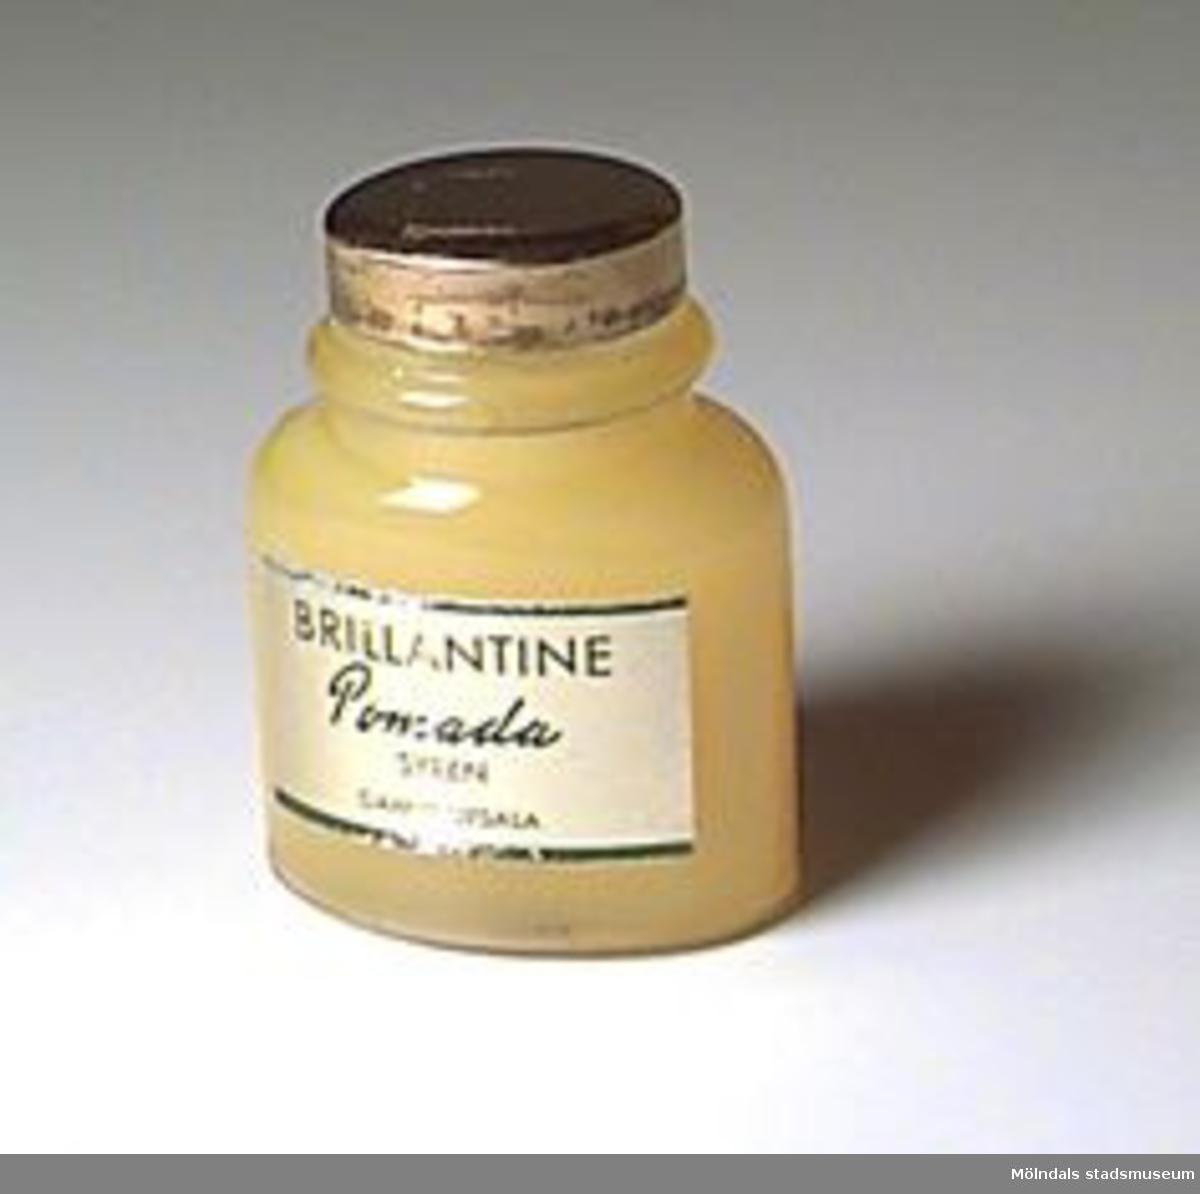 Oval glasburk med guldfärgat skruvlock. Innehåller gul pomada.Kjellberg arbetade i väveriet på Mölnlycke fabriker 1916-1969.